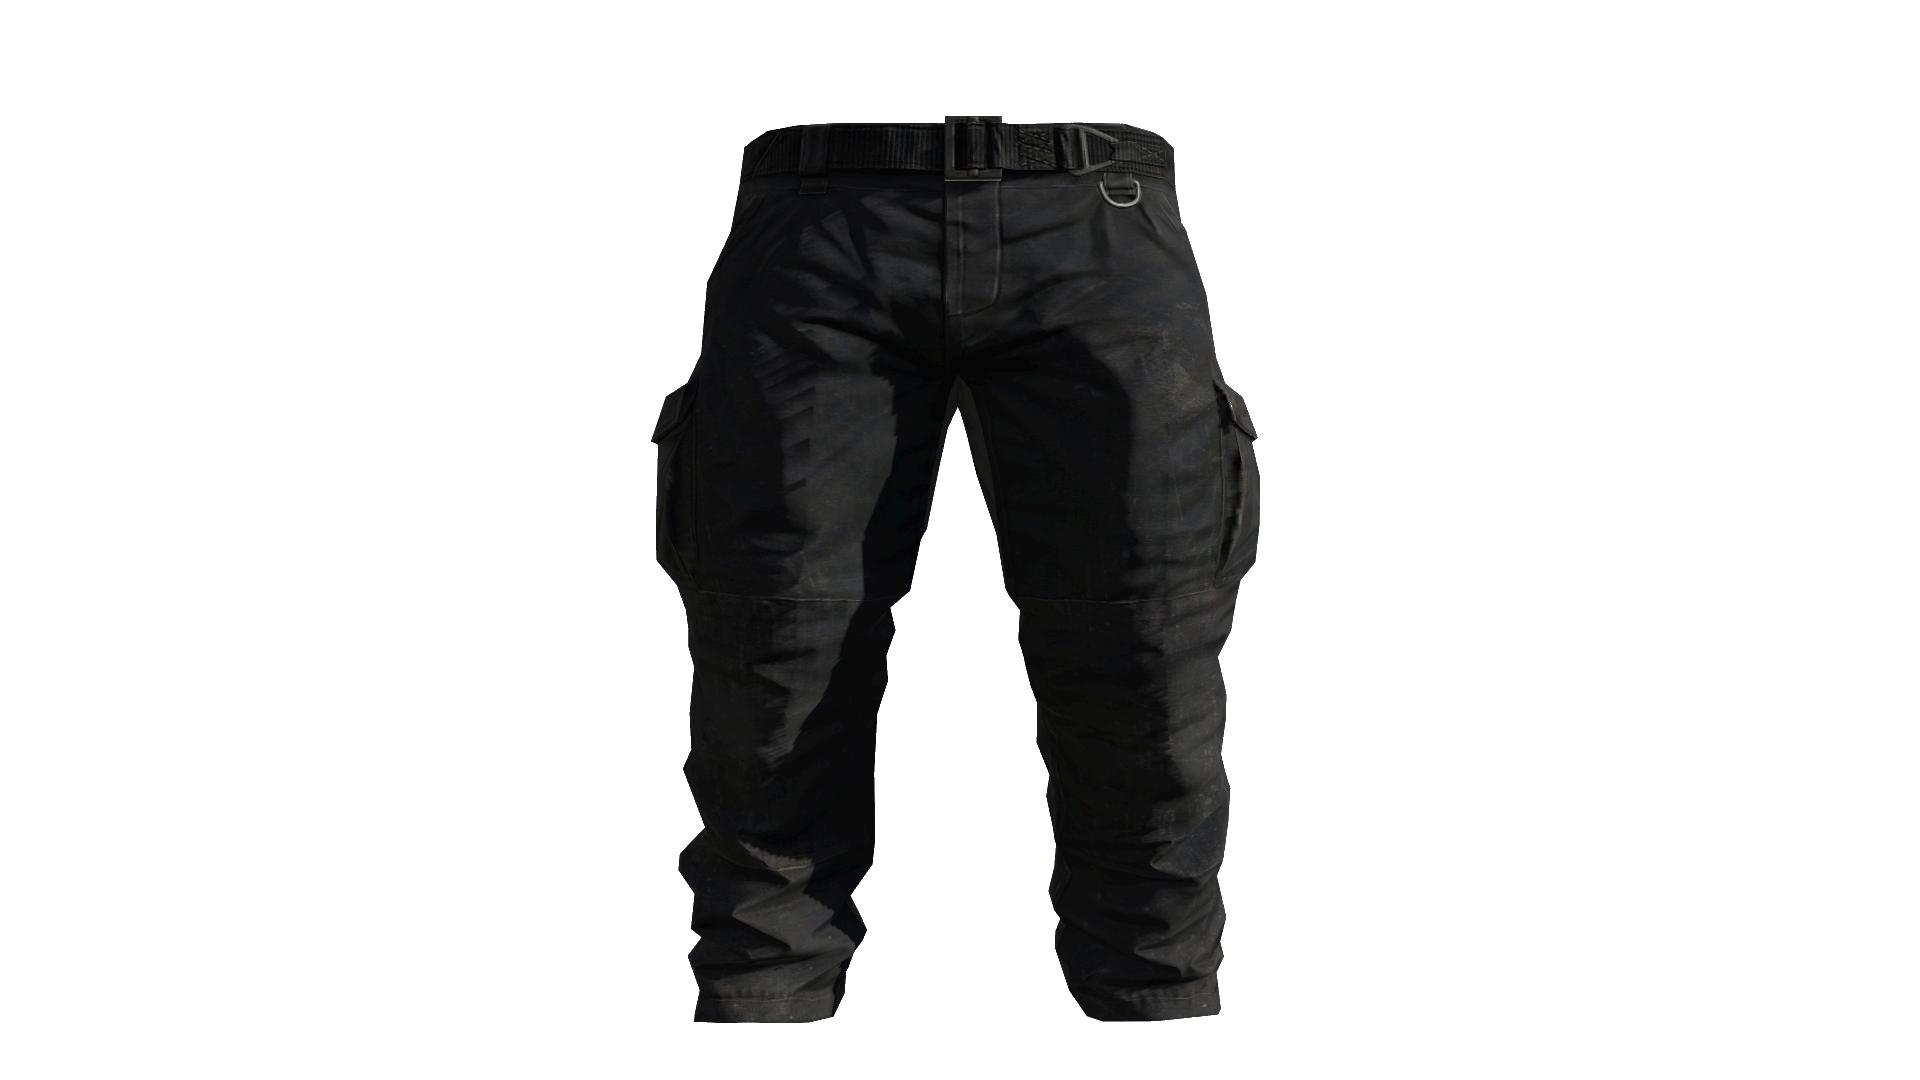 PNG HD Pants Transparent HD Pants.PNG Images. | PlusPNG